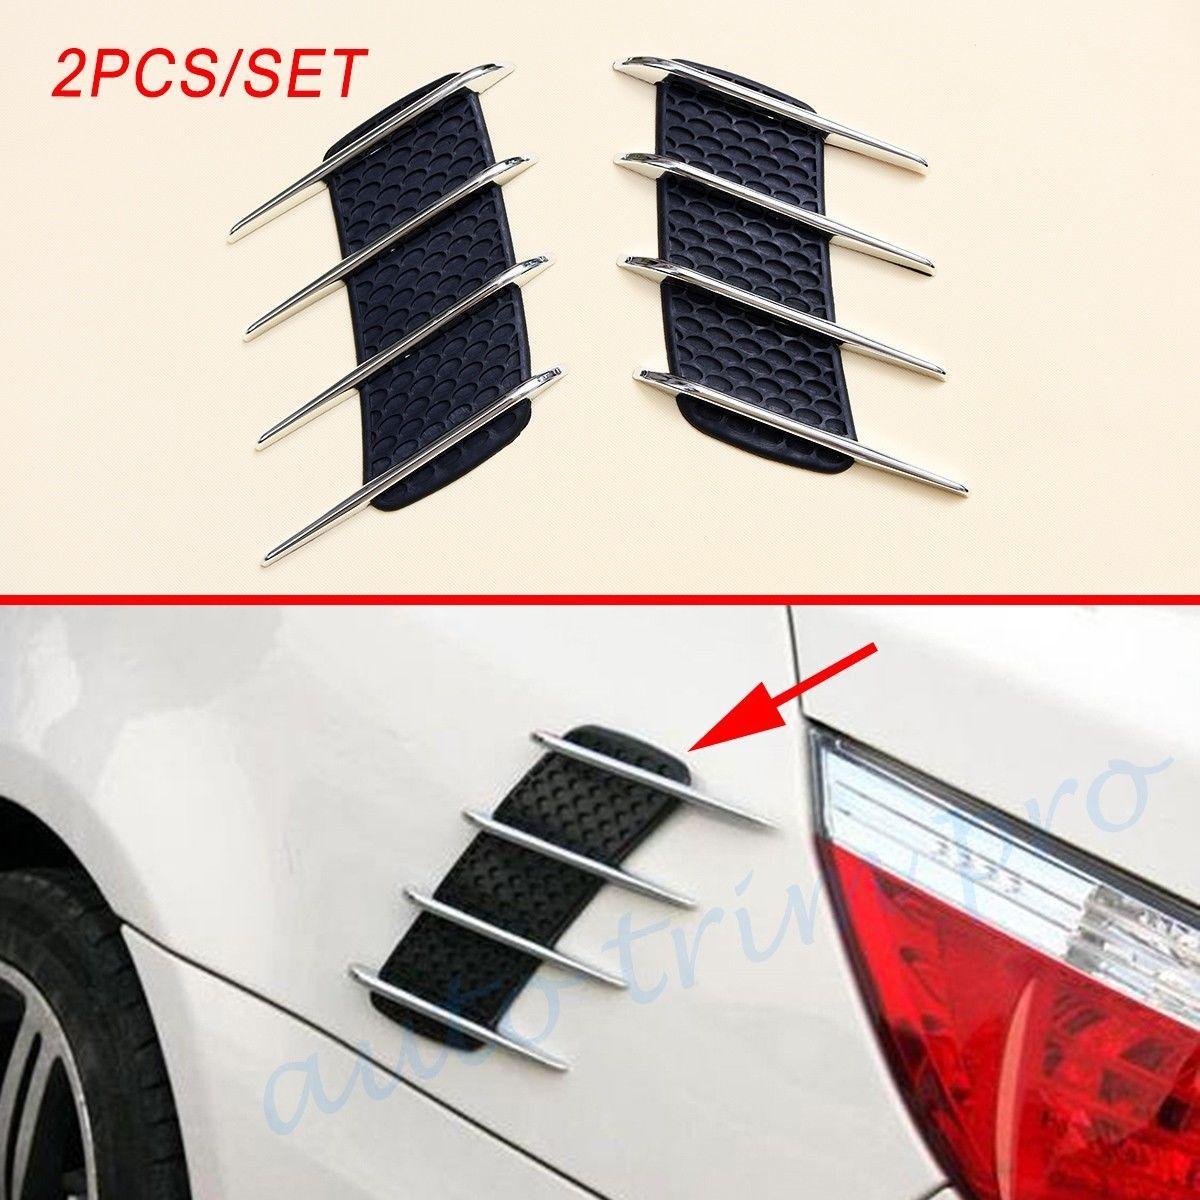 Corpo dell'automobile del veicolo Coppia Chrome Auto Accessori Porte Edge Side Grille netto Fender Air Vent Cover Flow Decorare Ala